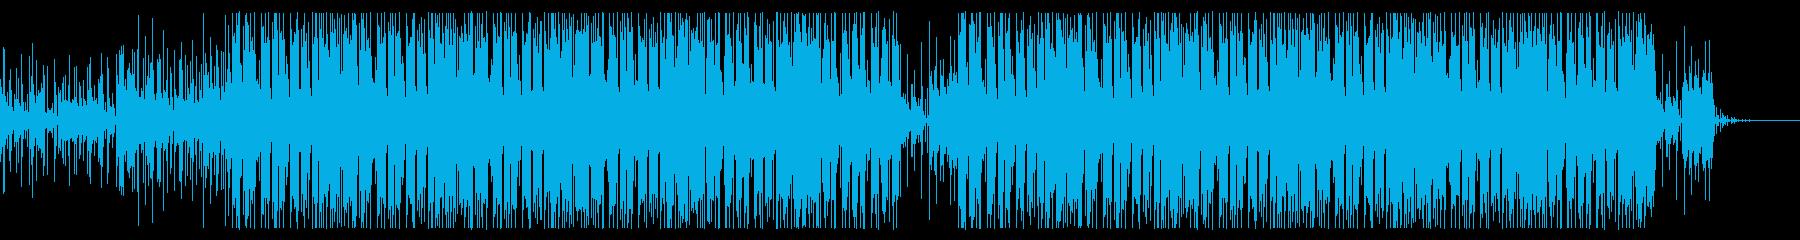 ほのぼのしたエレクトロポップスの再生済みの波形